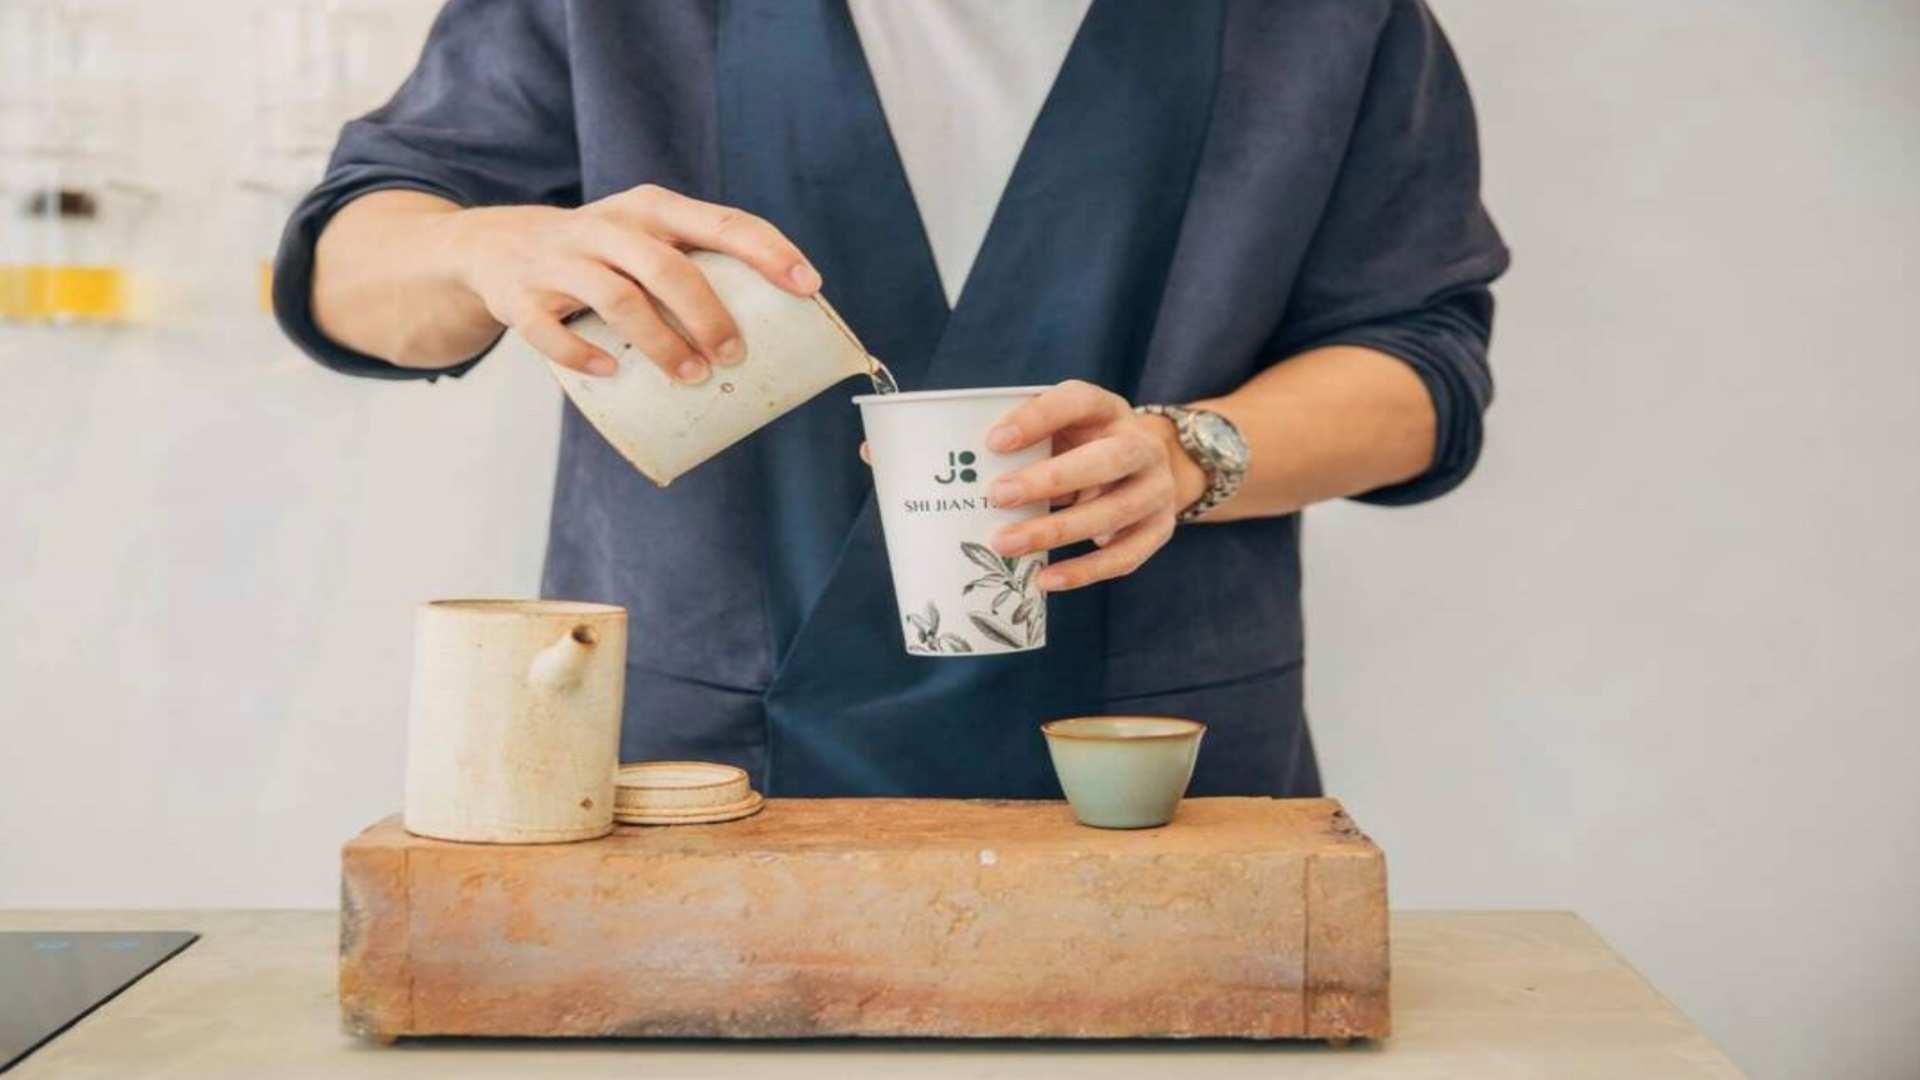 【品味台灣茶】十間茶屋台灣時尚茶文化體驗